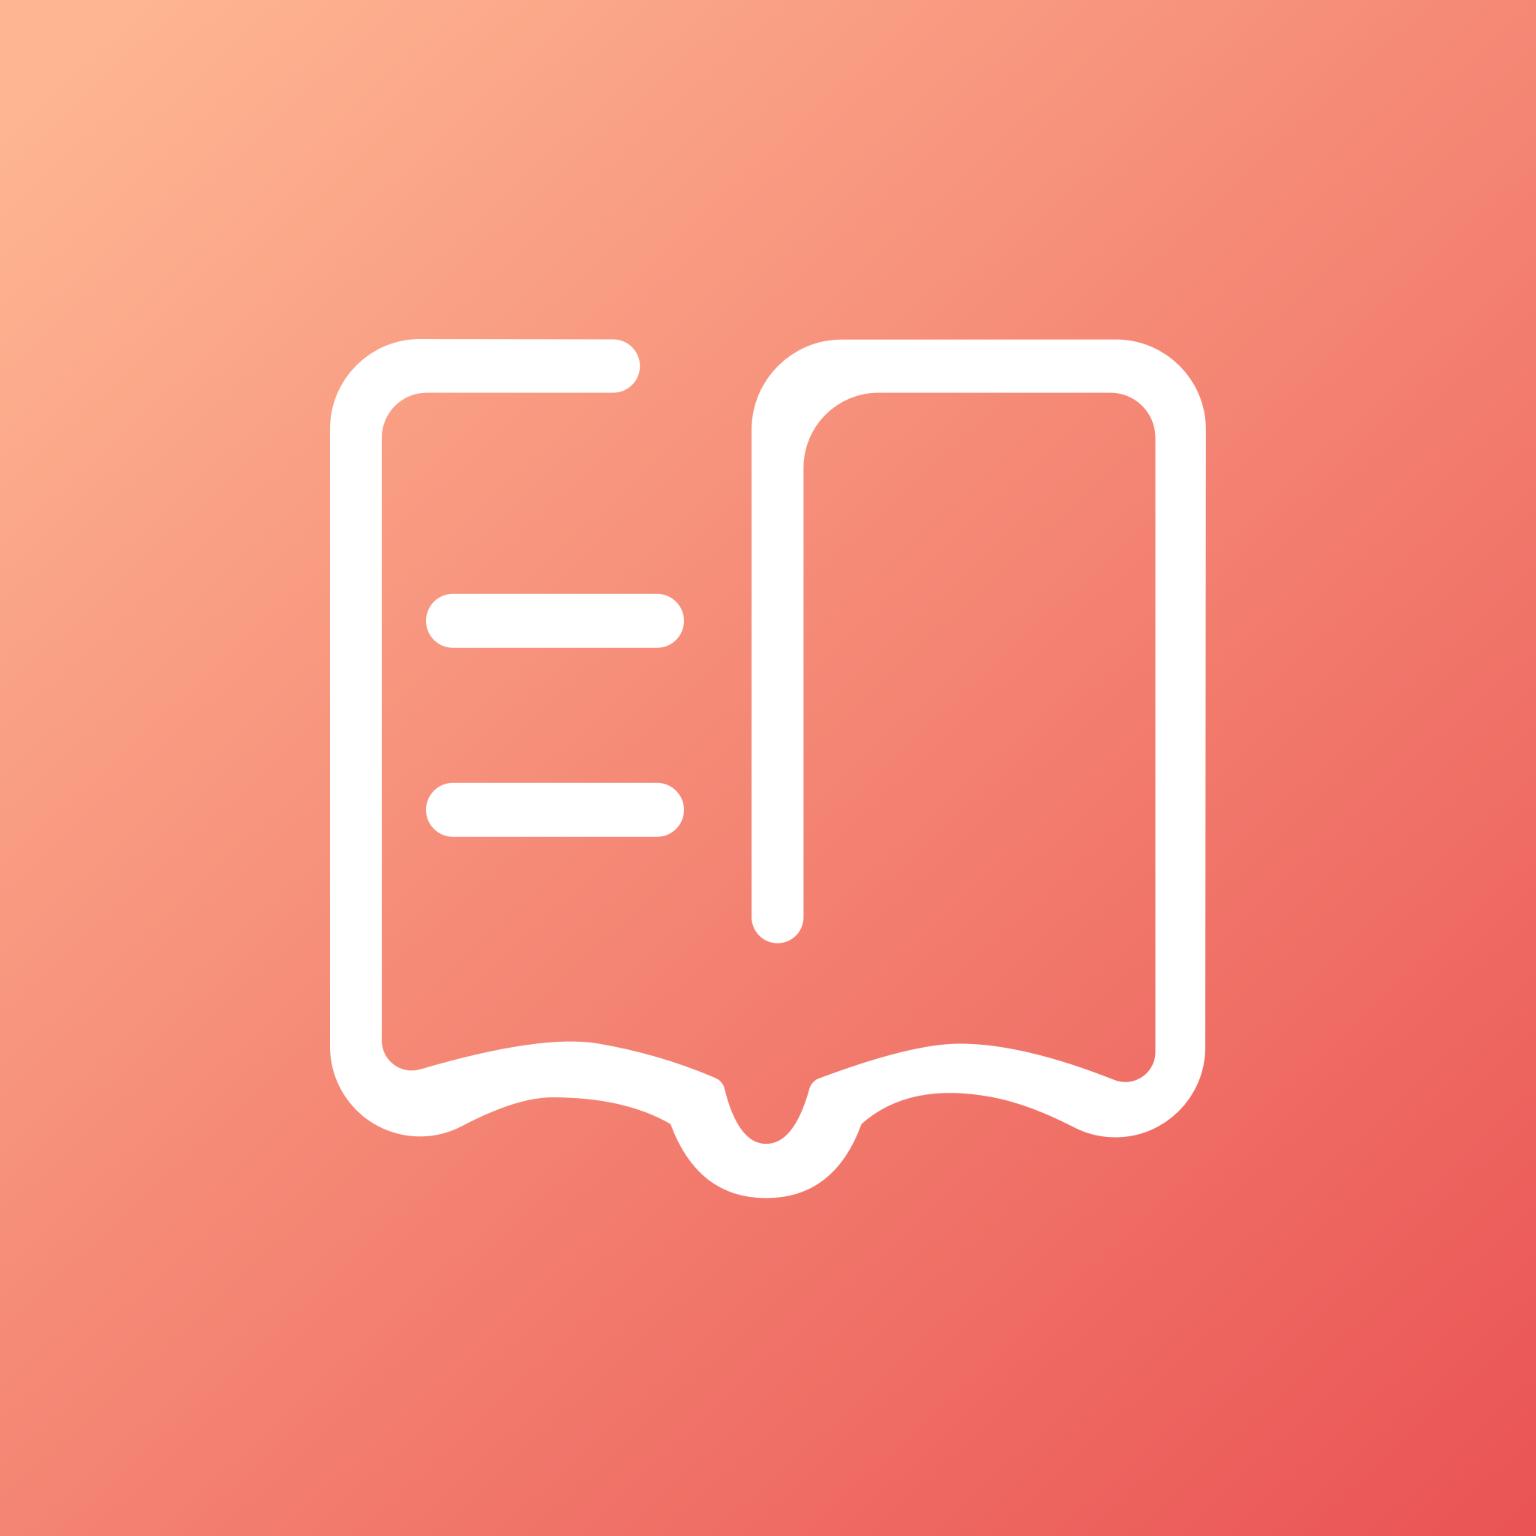 信阅appv2.2.0 安卓版